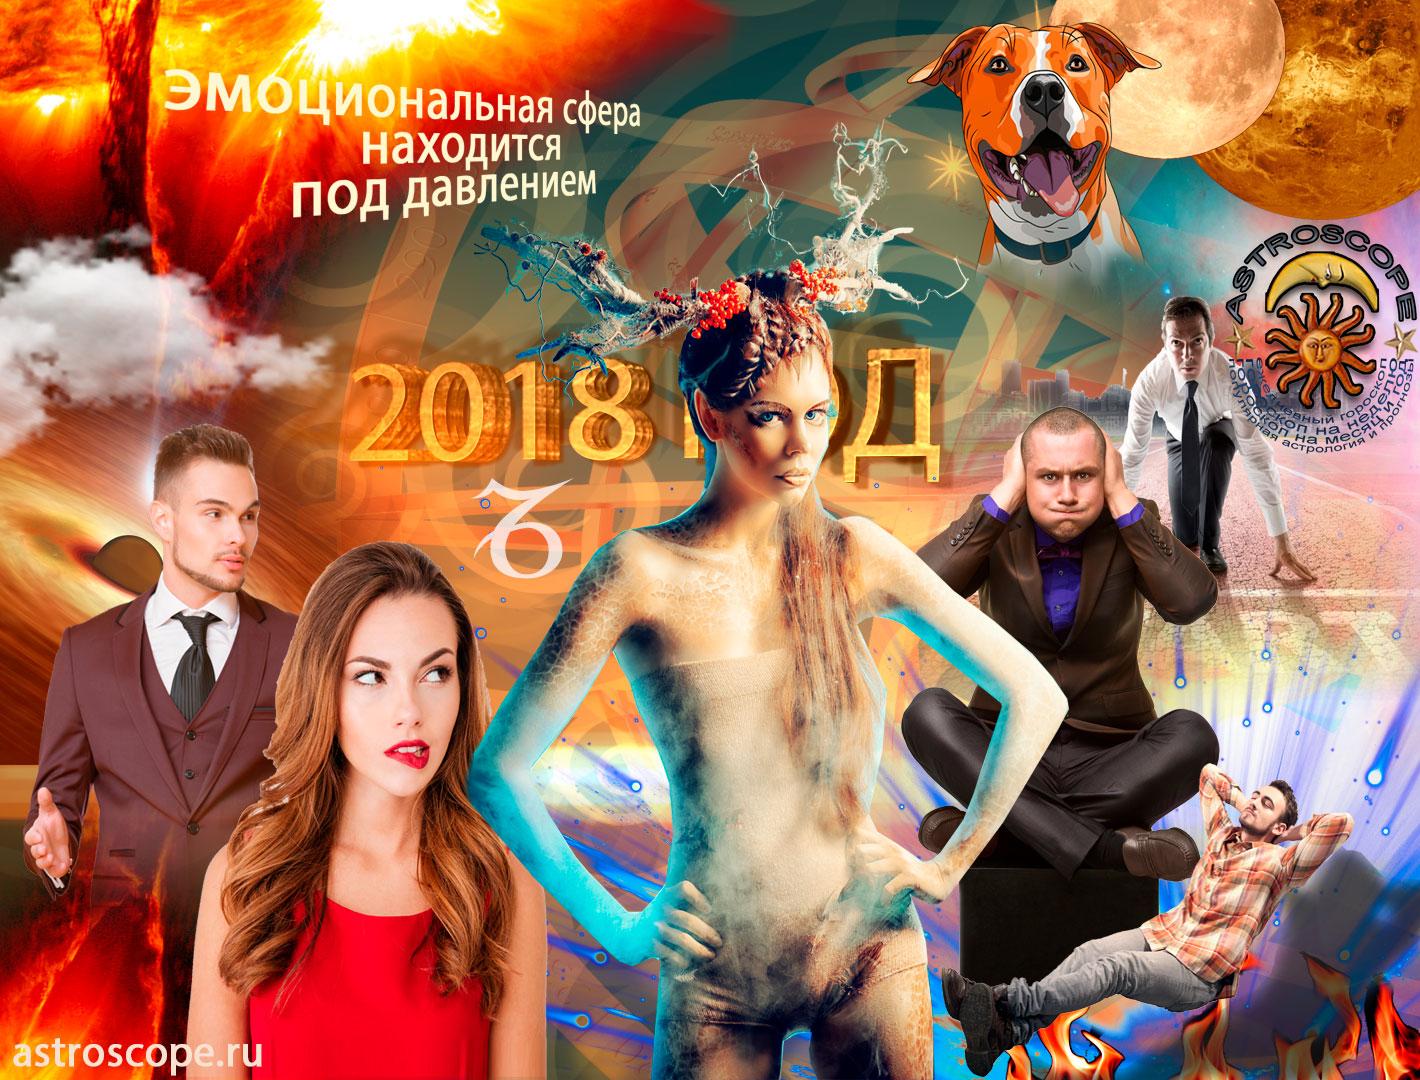 Гороскоп на 2018 Козерог, что ждёт Козерогов в 2018 году